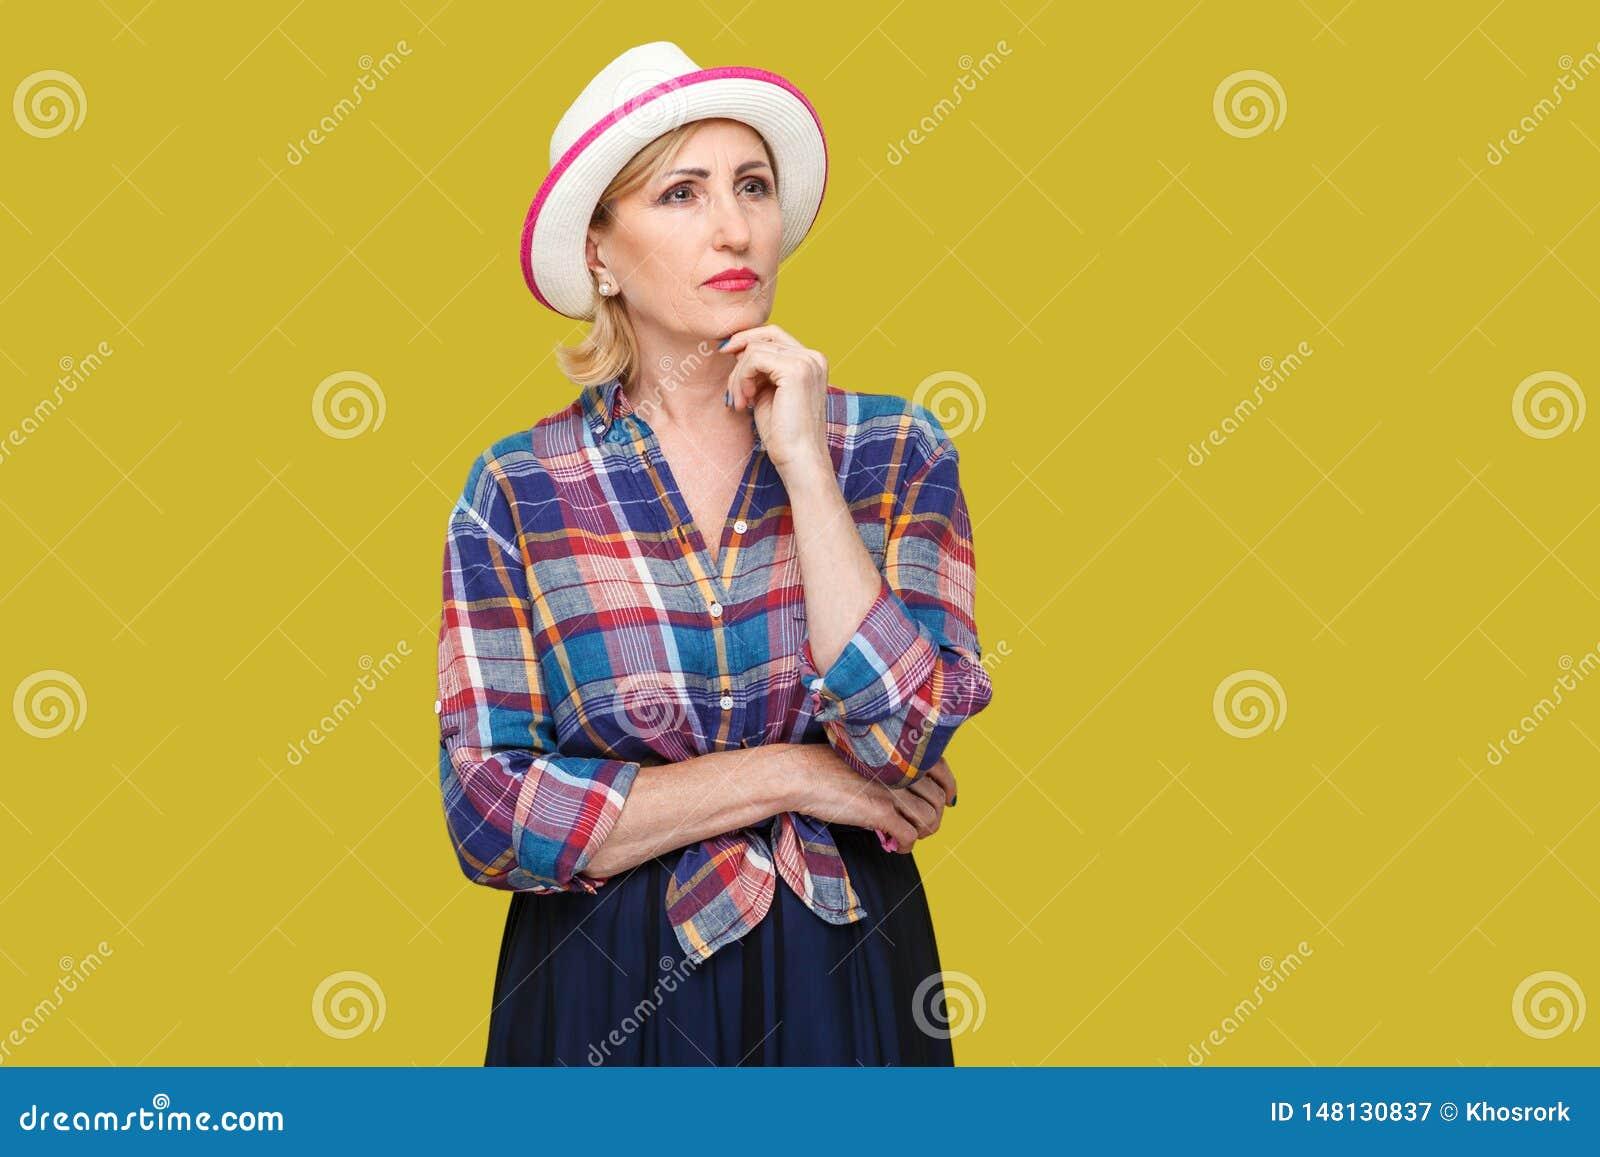 Retrato da mulher madura à moda moderna pensativa séria no estilo ocasional com posição branca do chapéu, tocando em seu queixo,